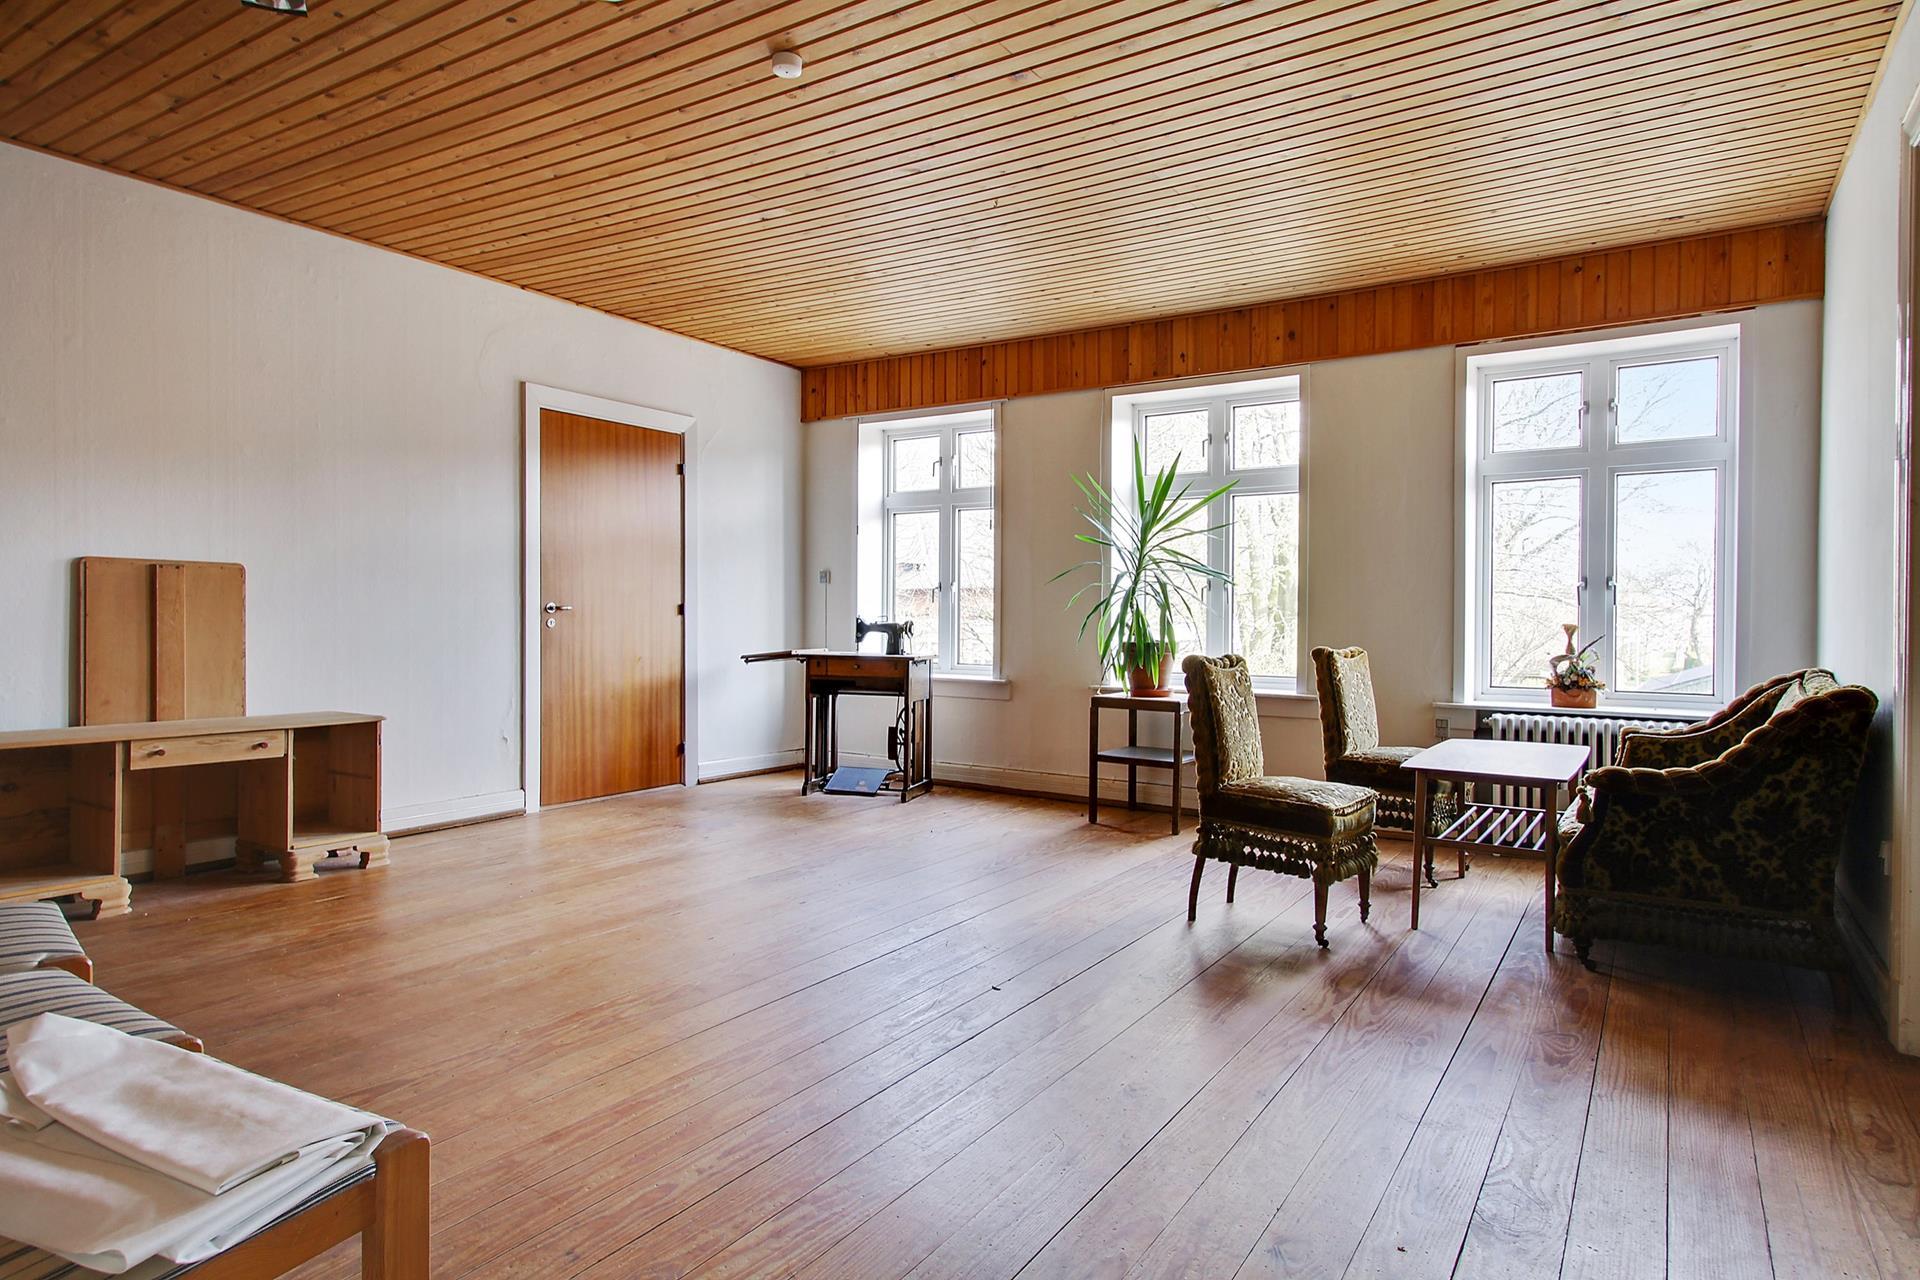 Bolig/erhverv på Storegade i Skærbæk - Stue